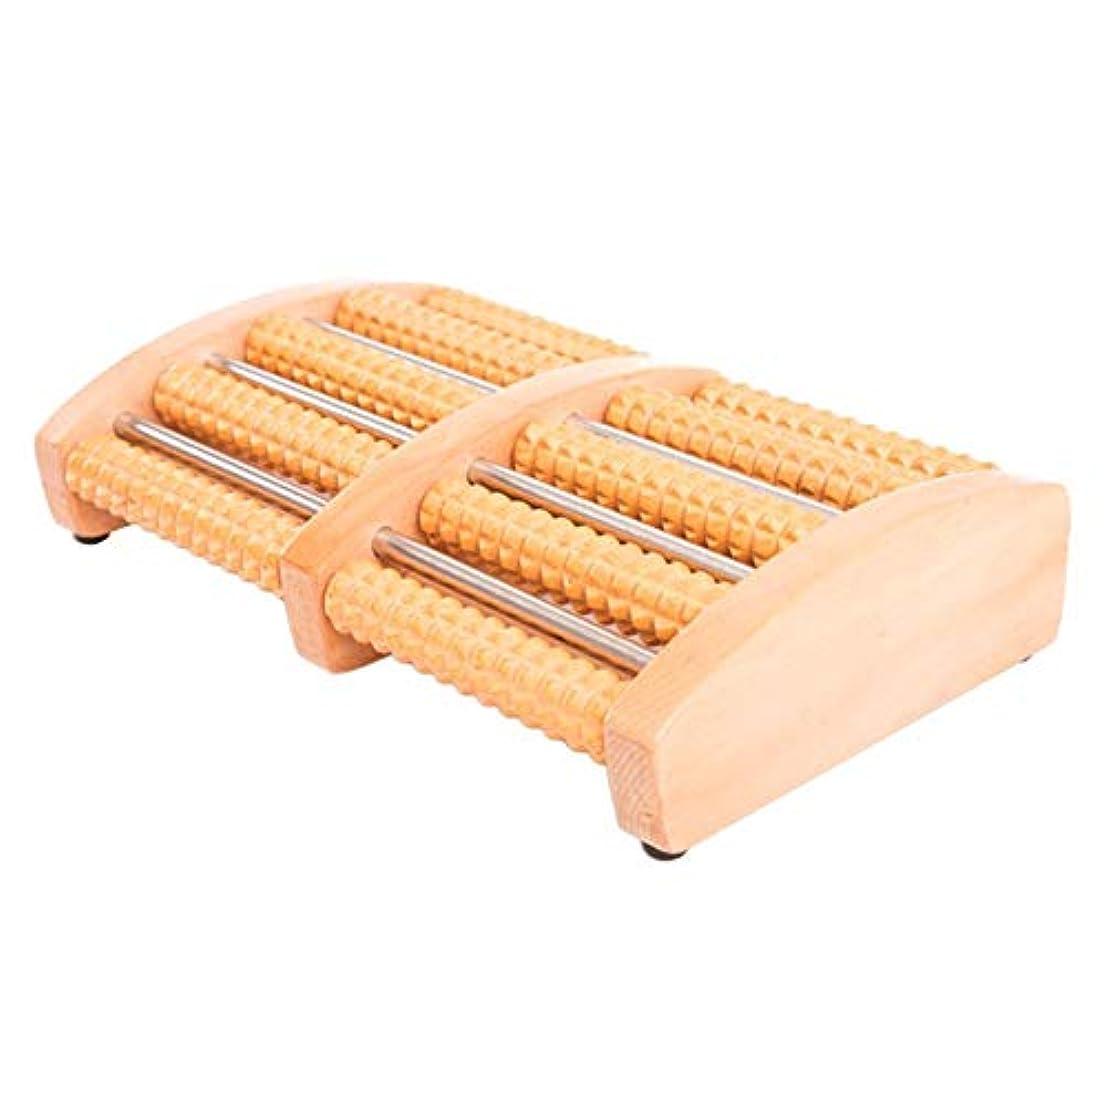 皿確認高層ビルColdwhite フットマッサージローラー、足のアーチの痛みと足底筋膜炎筋肉ローラースティック、リラクゼーションとストレス解消のための指圧リフレクソロジーツール(木製ローラー)